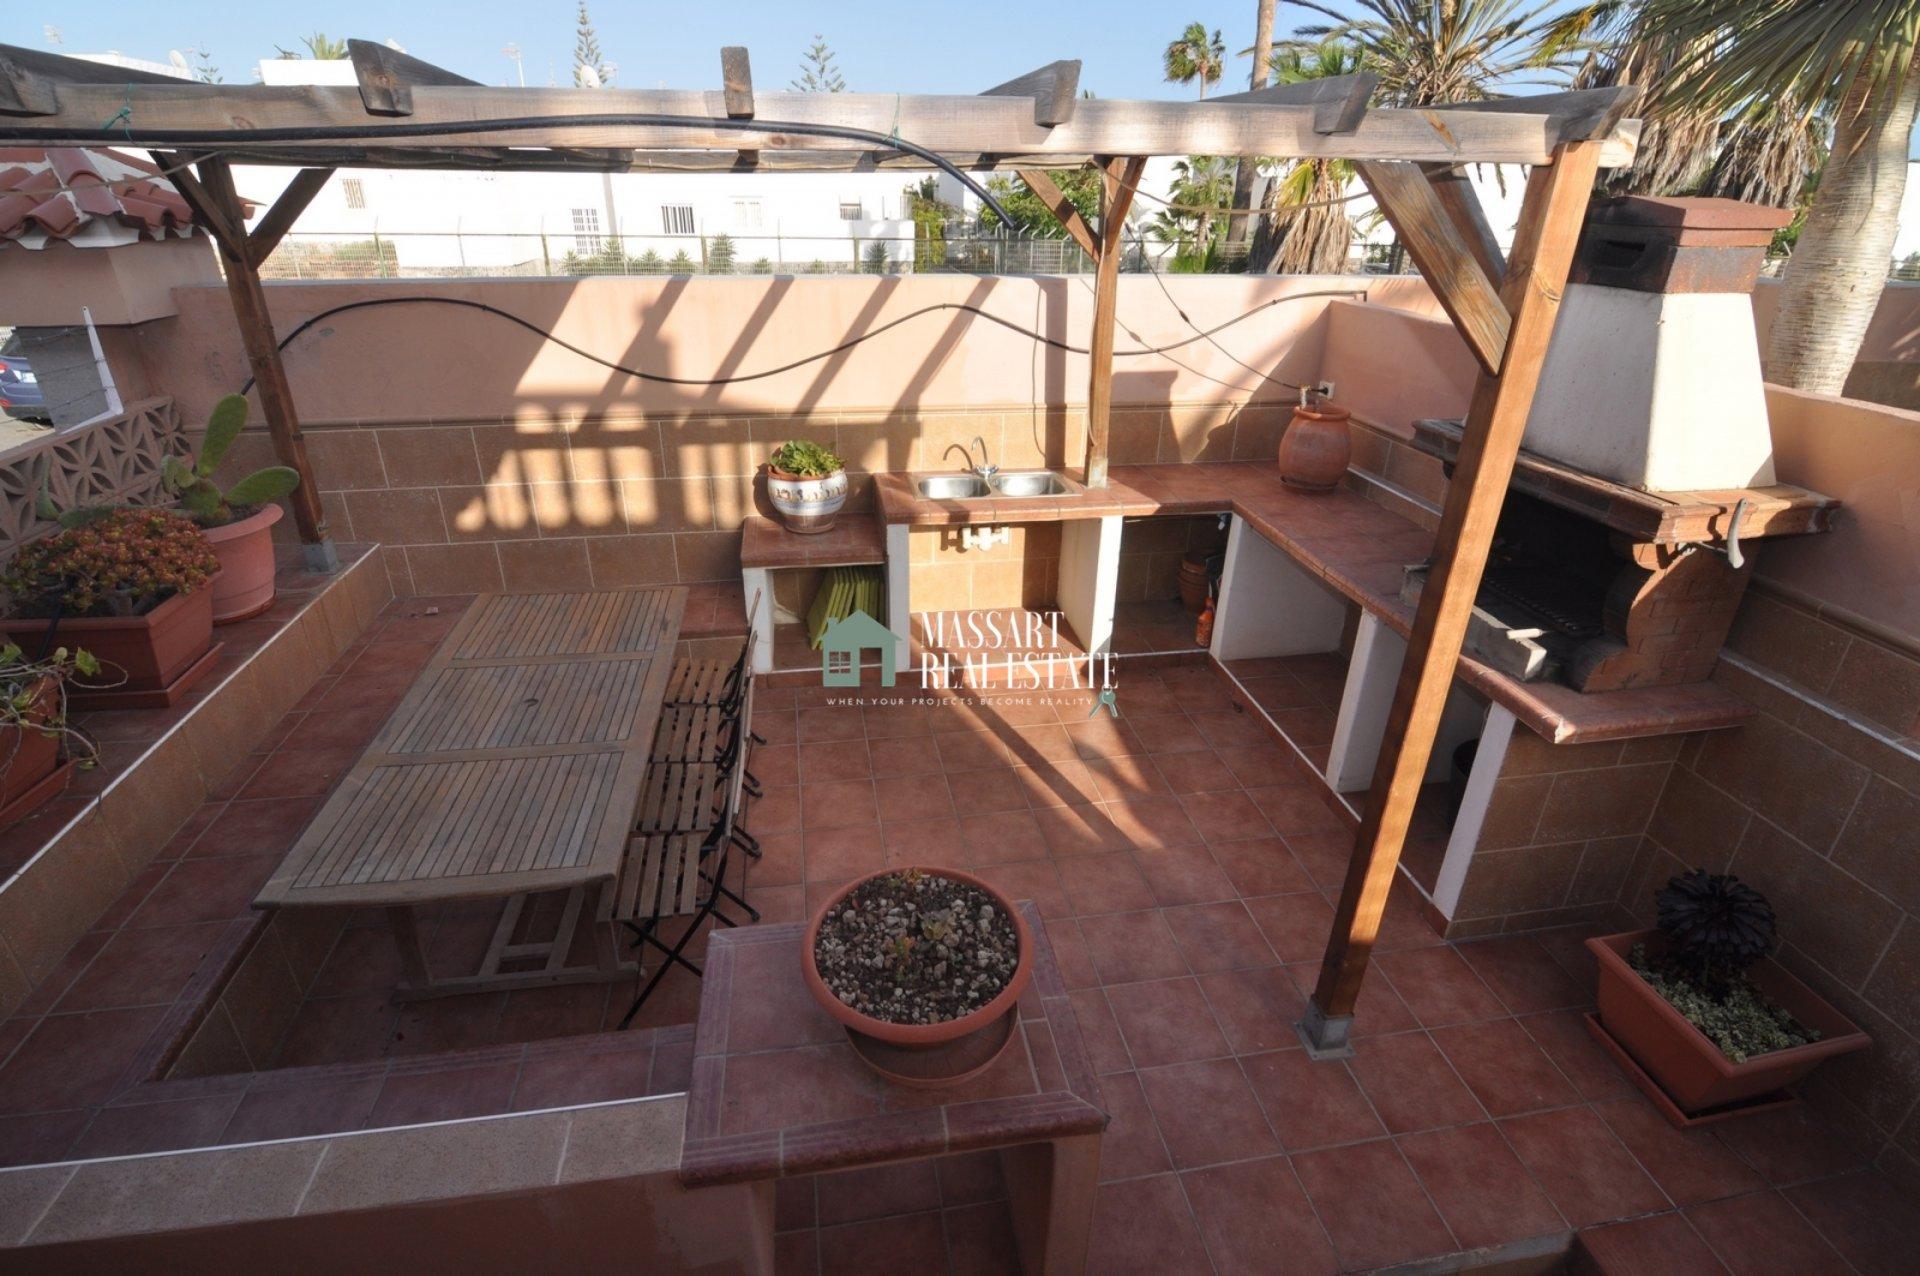 Villa located on a 560 m2 plot in Costa del Silencio, in the El Trébol residential complex ... great potential for tourist exploita